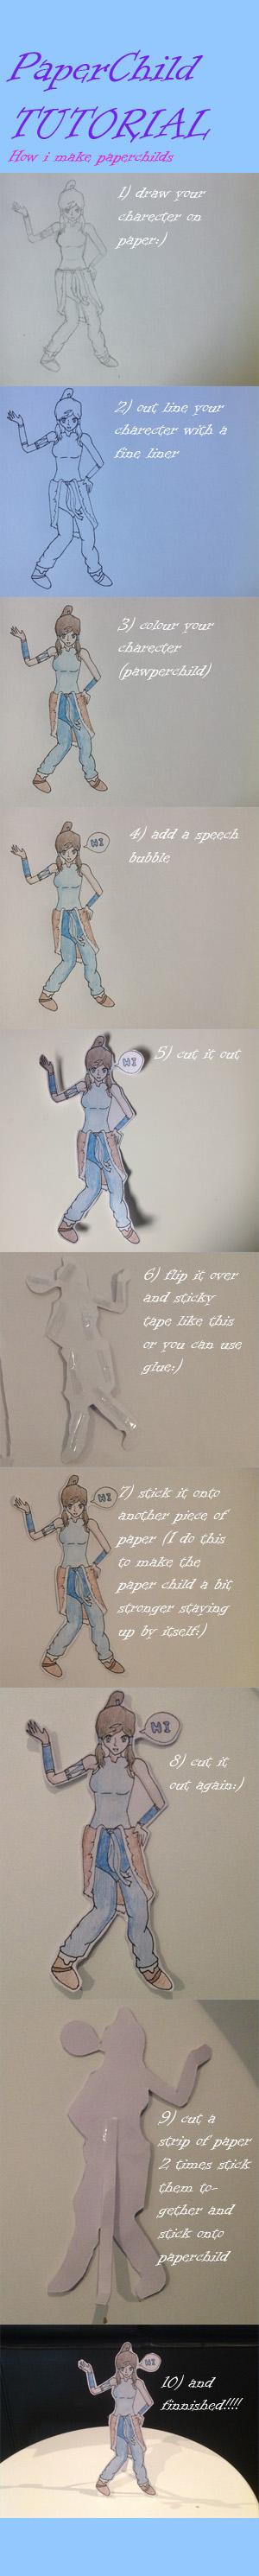 thesis child theme tutorial